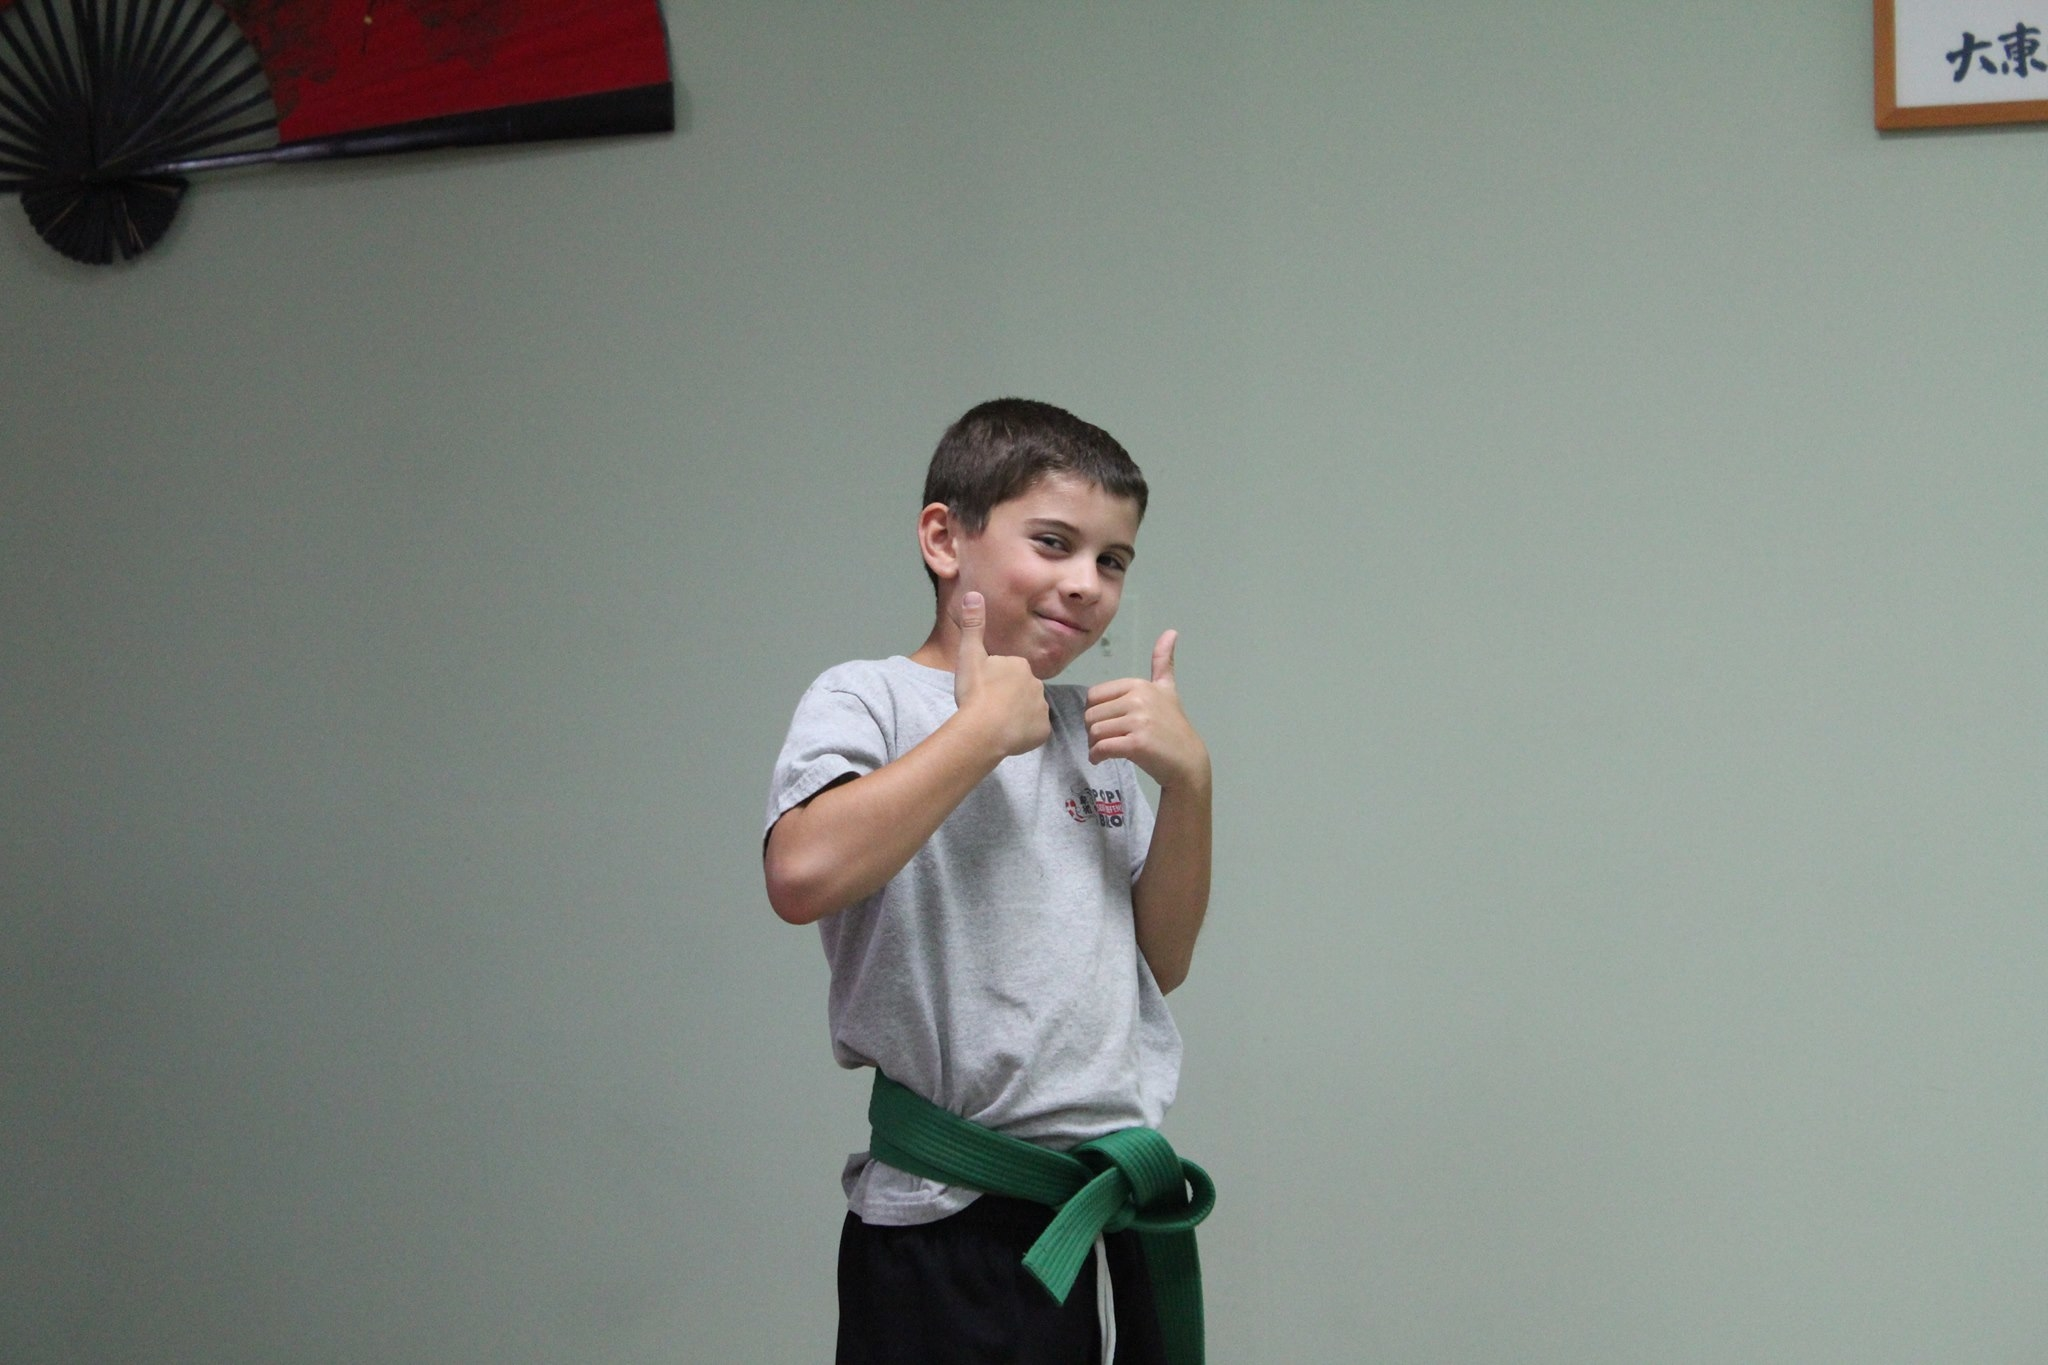 Popkin-Brogna Jujitsu Center image 10